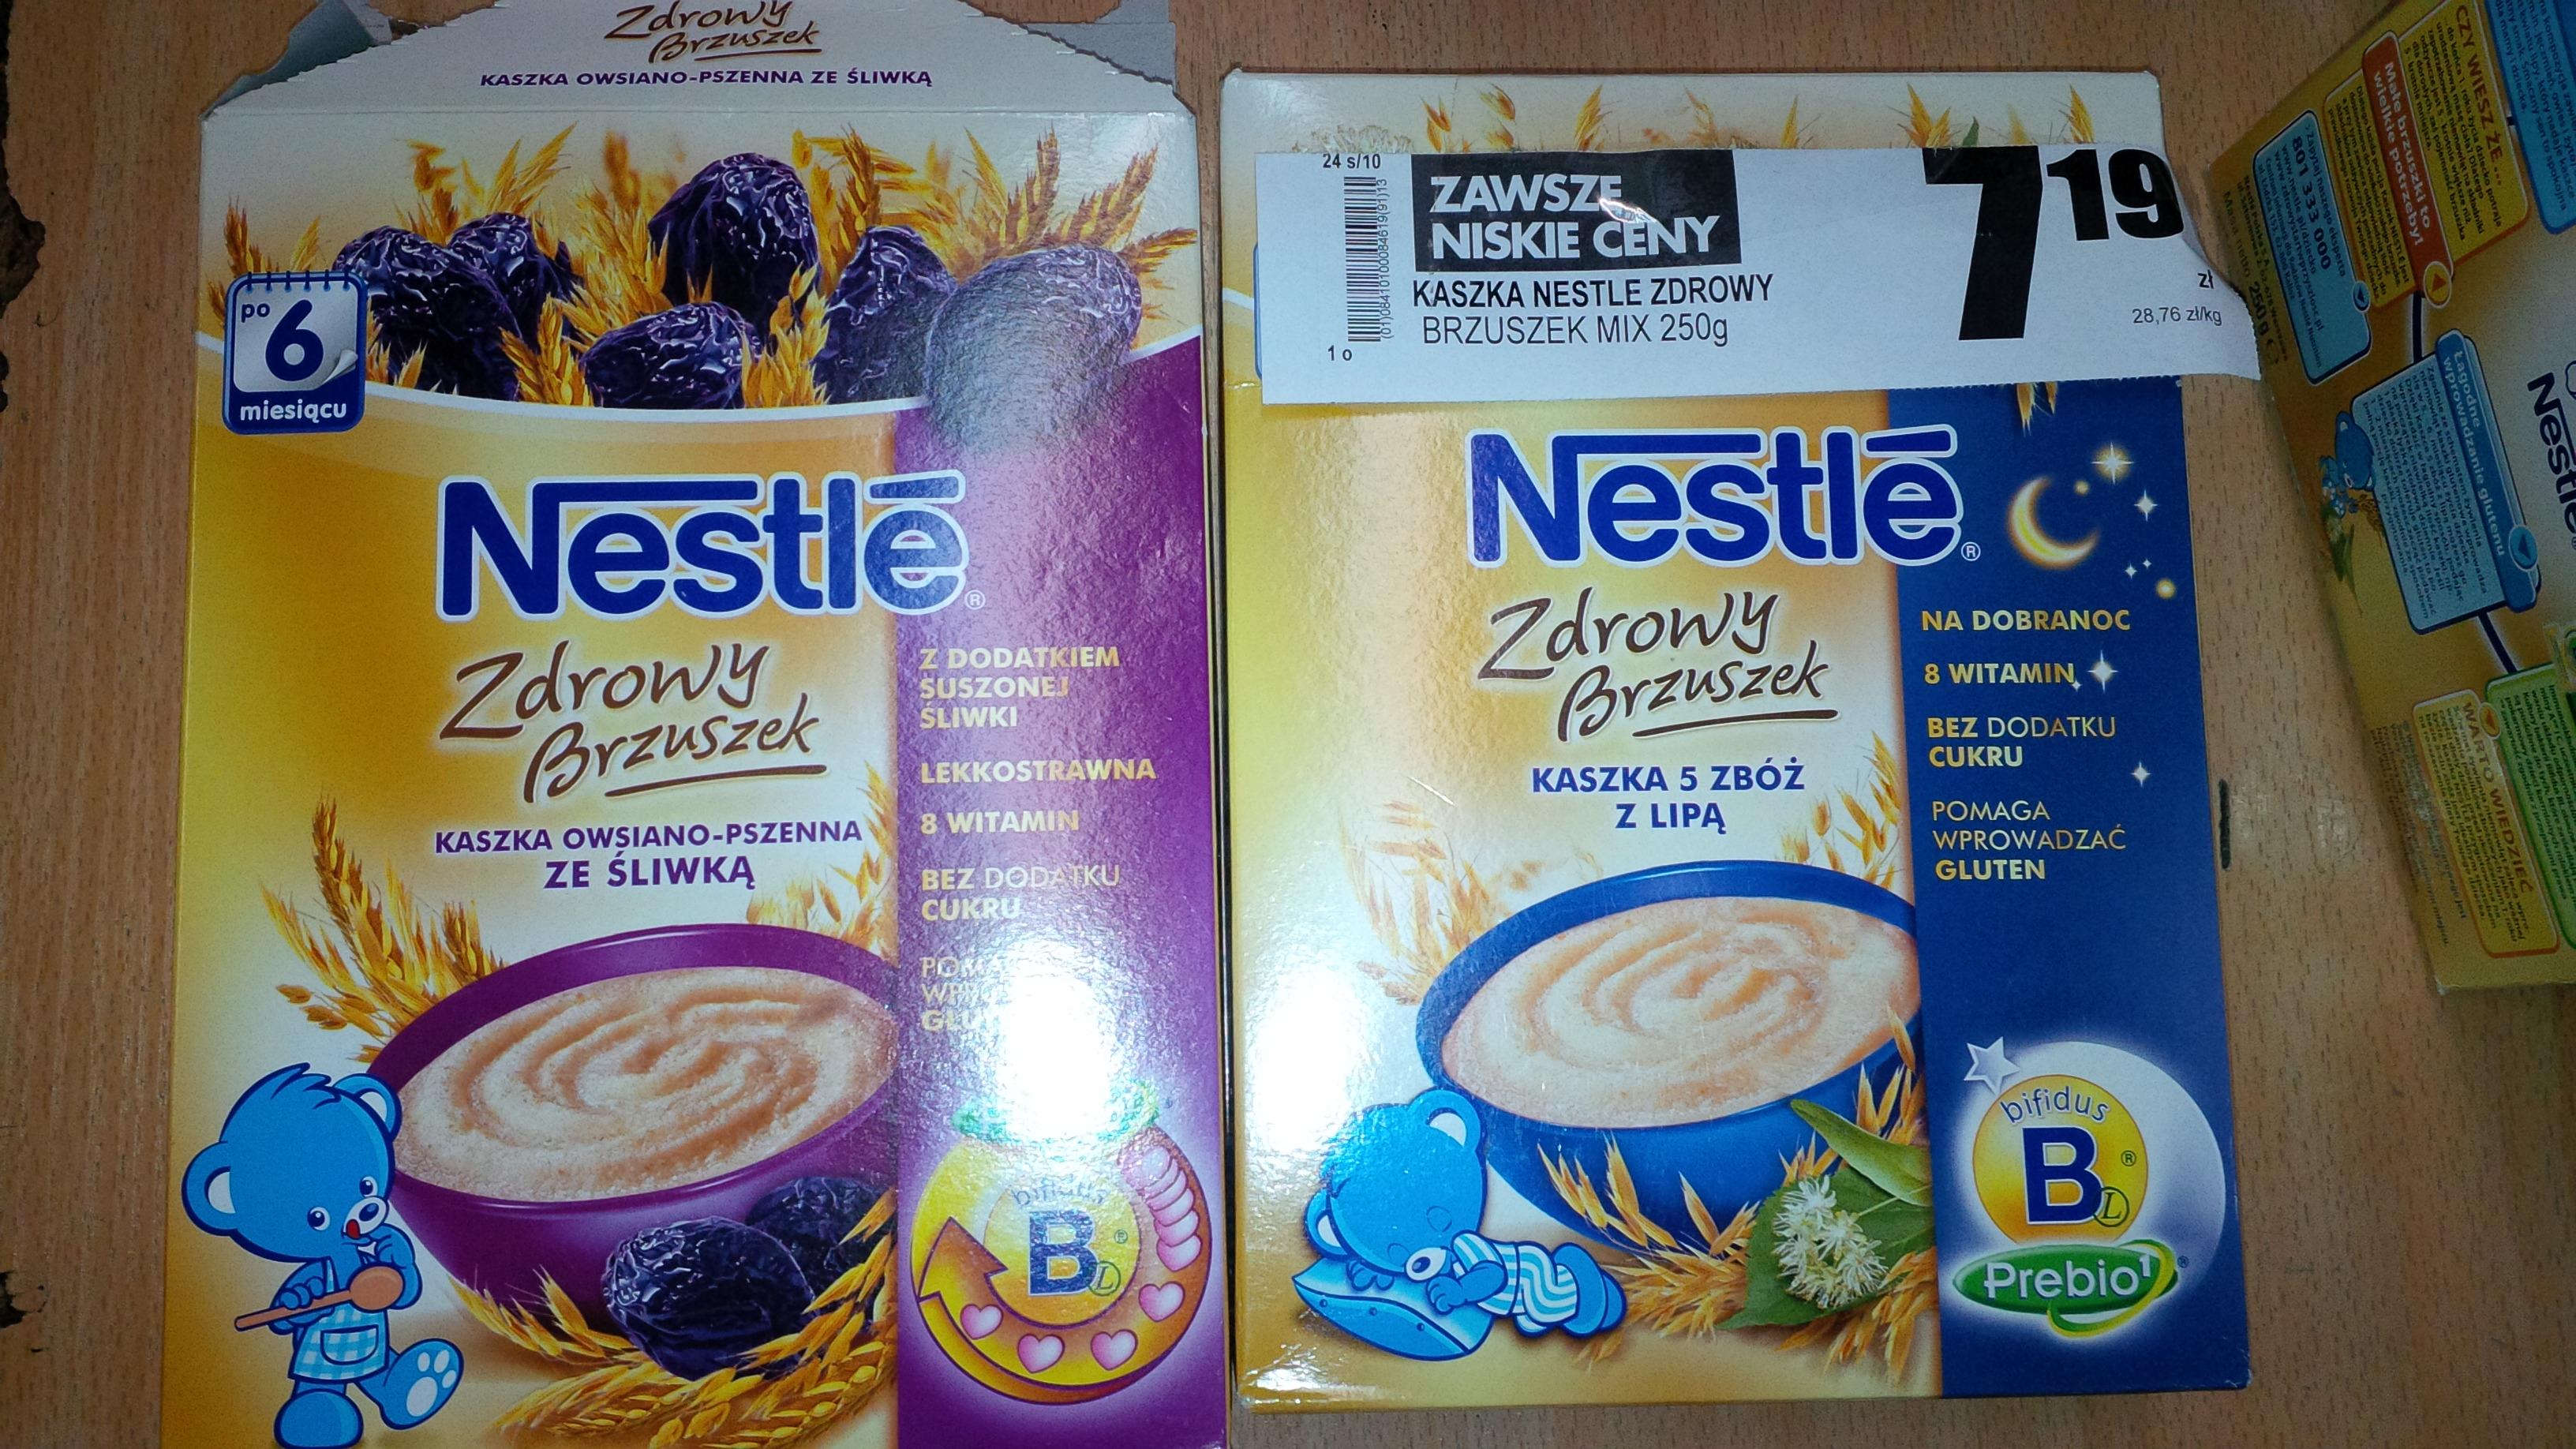 Kaszki BEZ dodatku cukru Nestle @ Biedronka